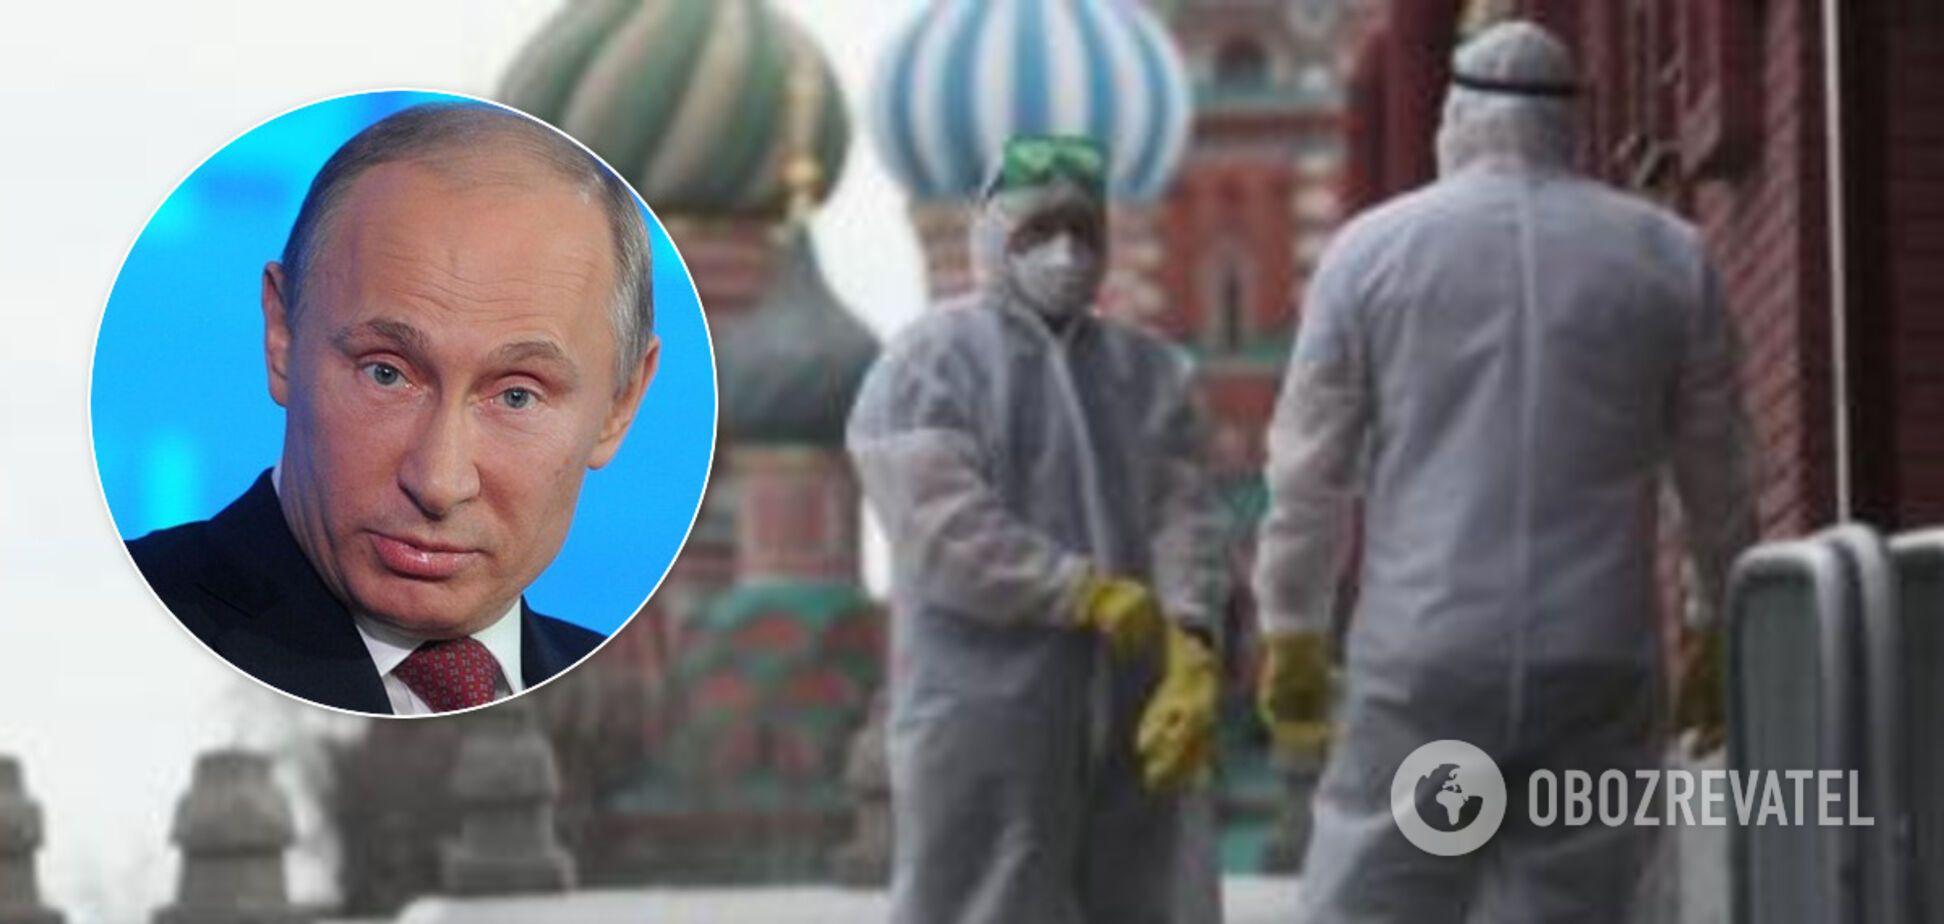 Росія стає епіцентром COVID-19 у Європі: Путін пішов на радикальний крок